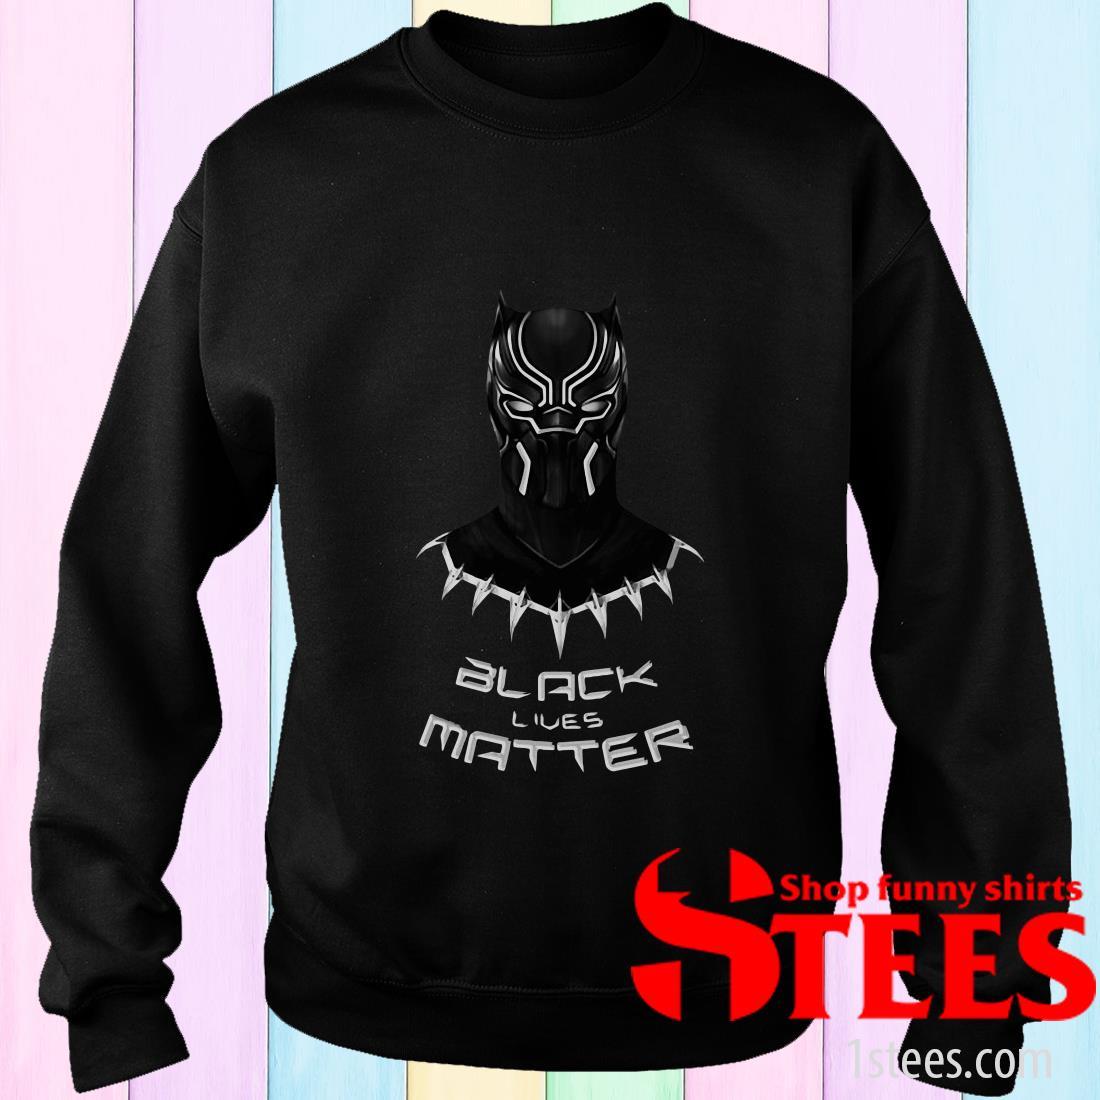 RIP Black Panther Black Lives Matter Chadwick Boseman 1977 2020 Sweater